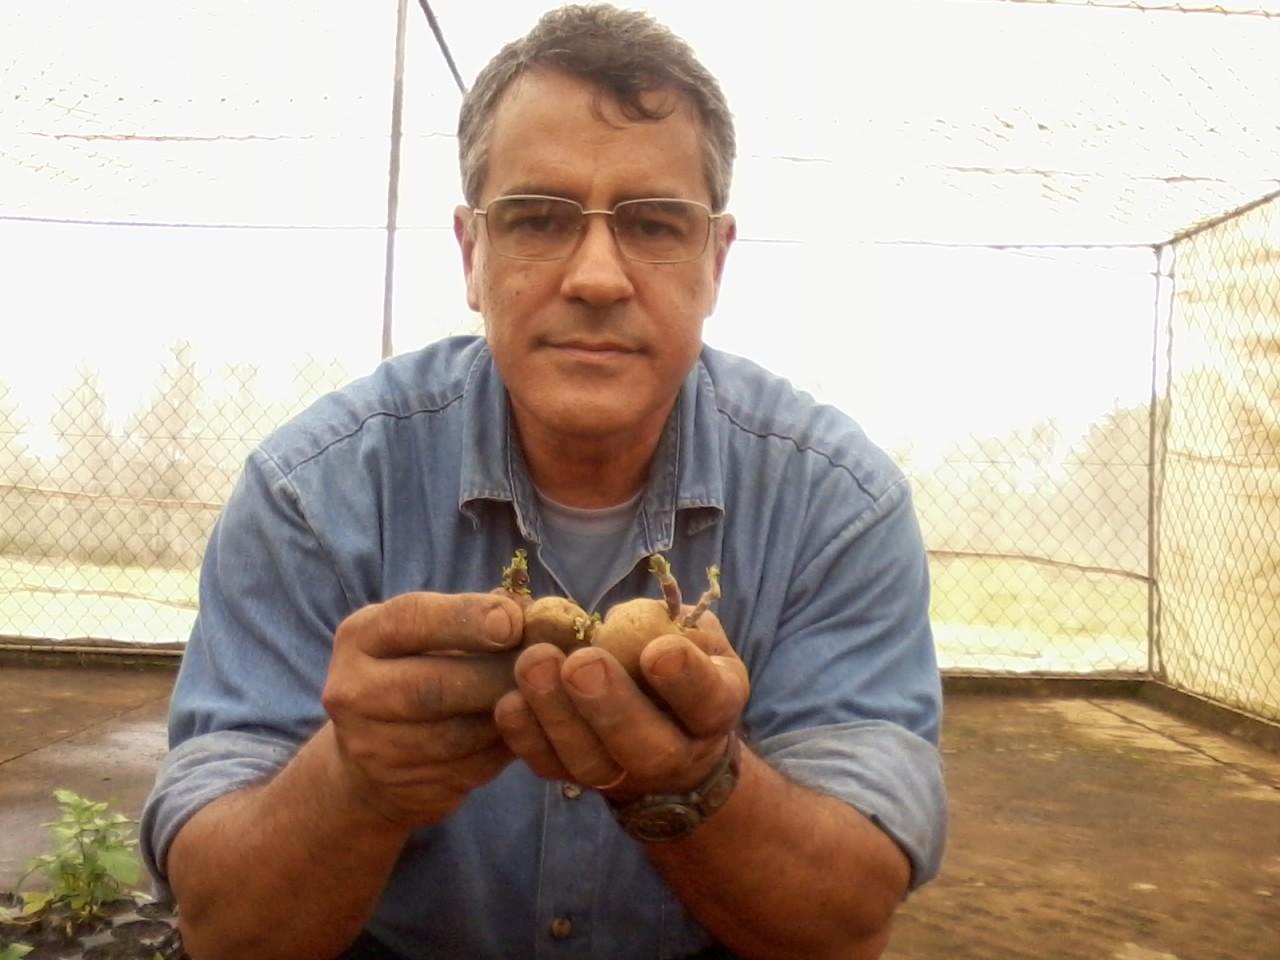 Nova tecnologia para o cultivo da batata é resultado de 30 anos de pesquisa do cientista José Alberto Caram de Souza Dias (Foto: Giliardy Freitas / TV TEM)